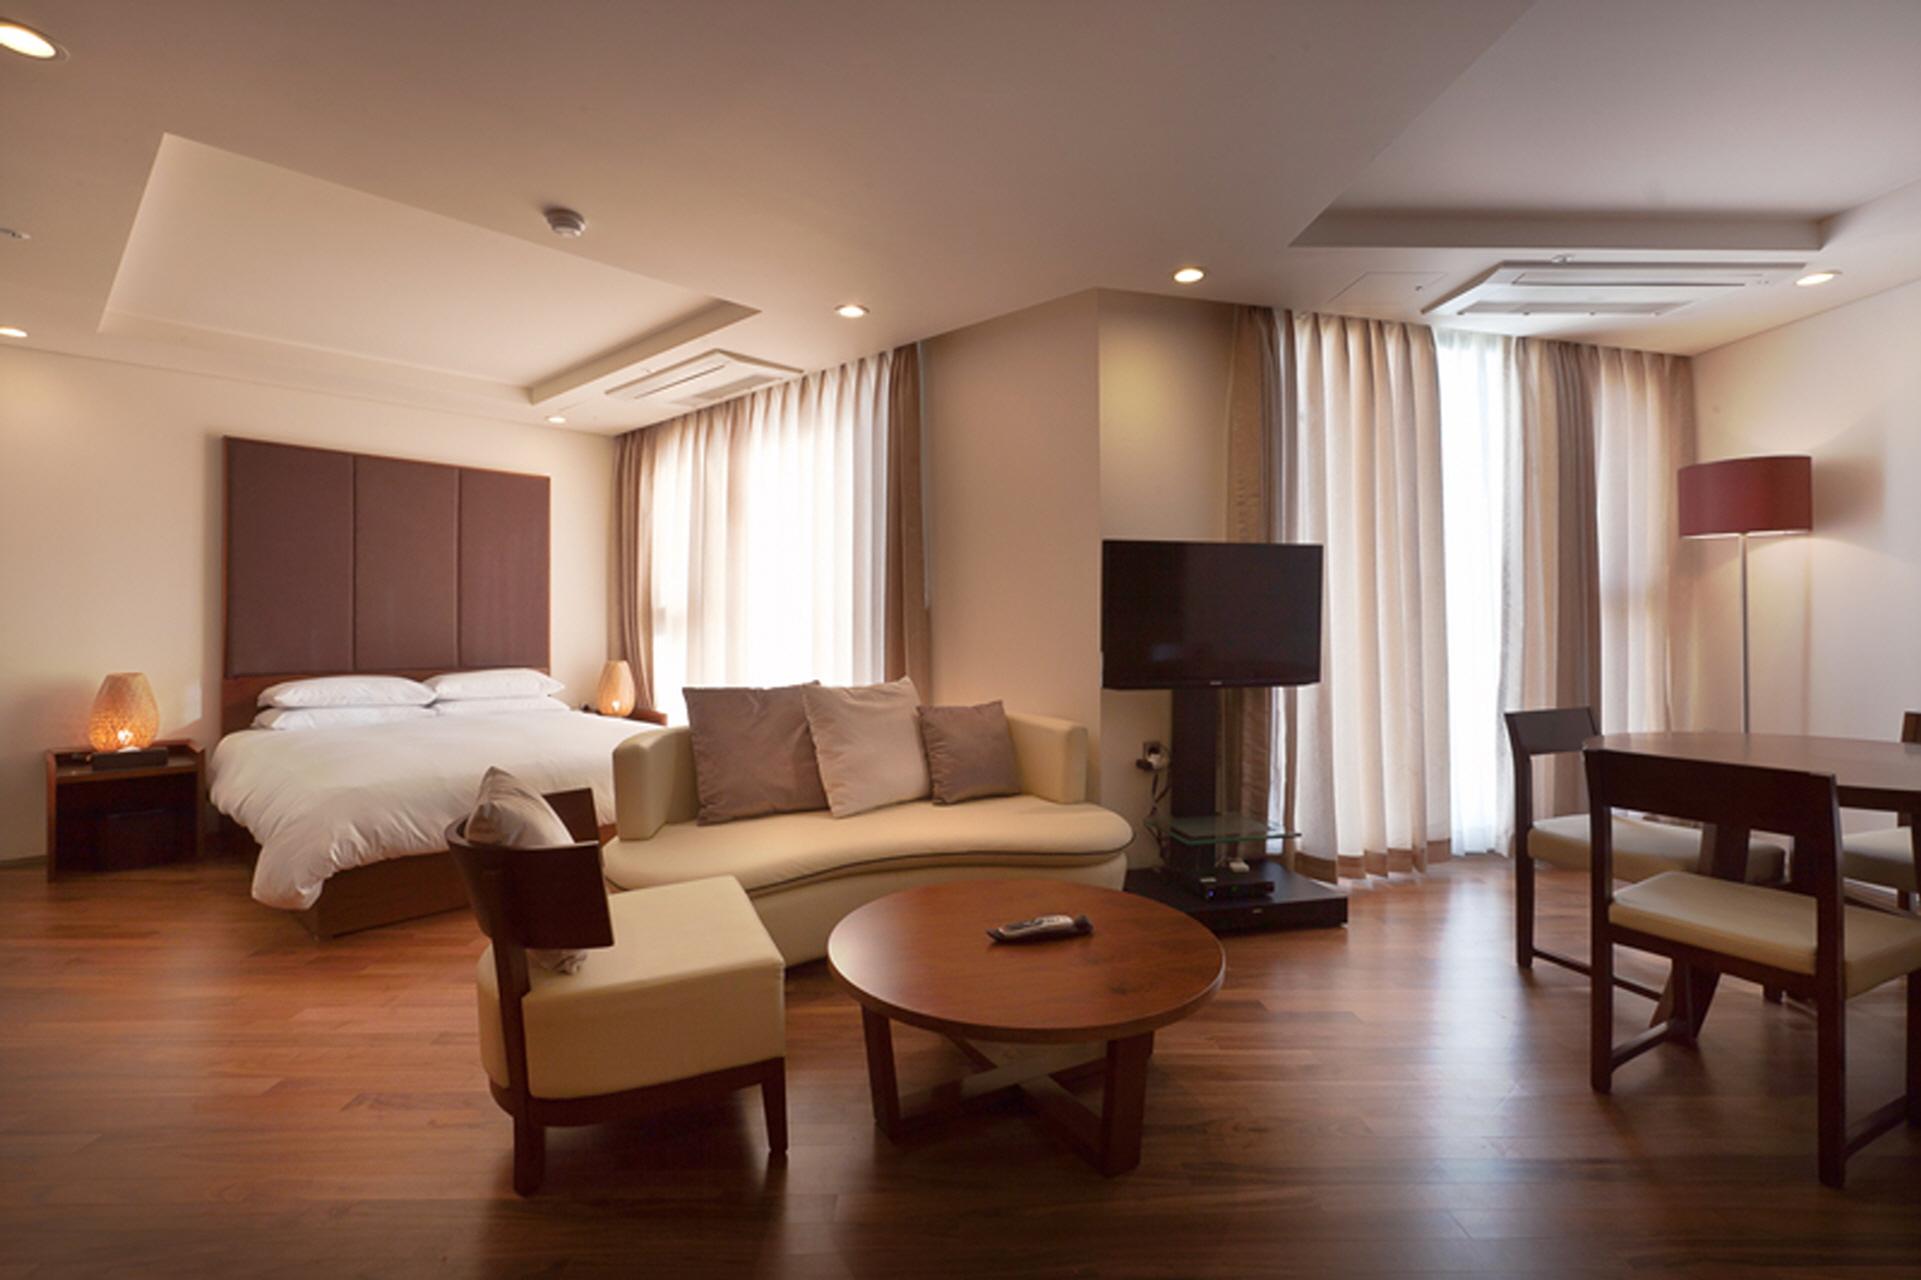 서귀포 디아일랜드블루 호텔 이미지1